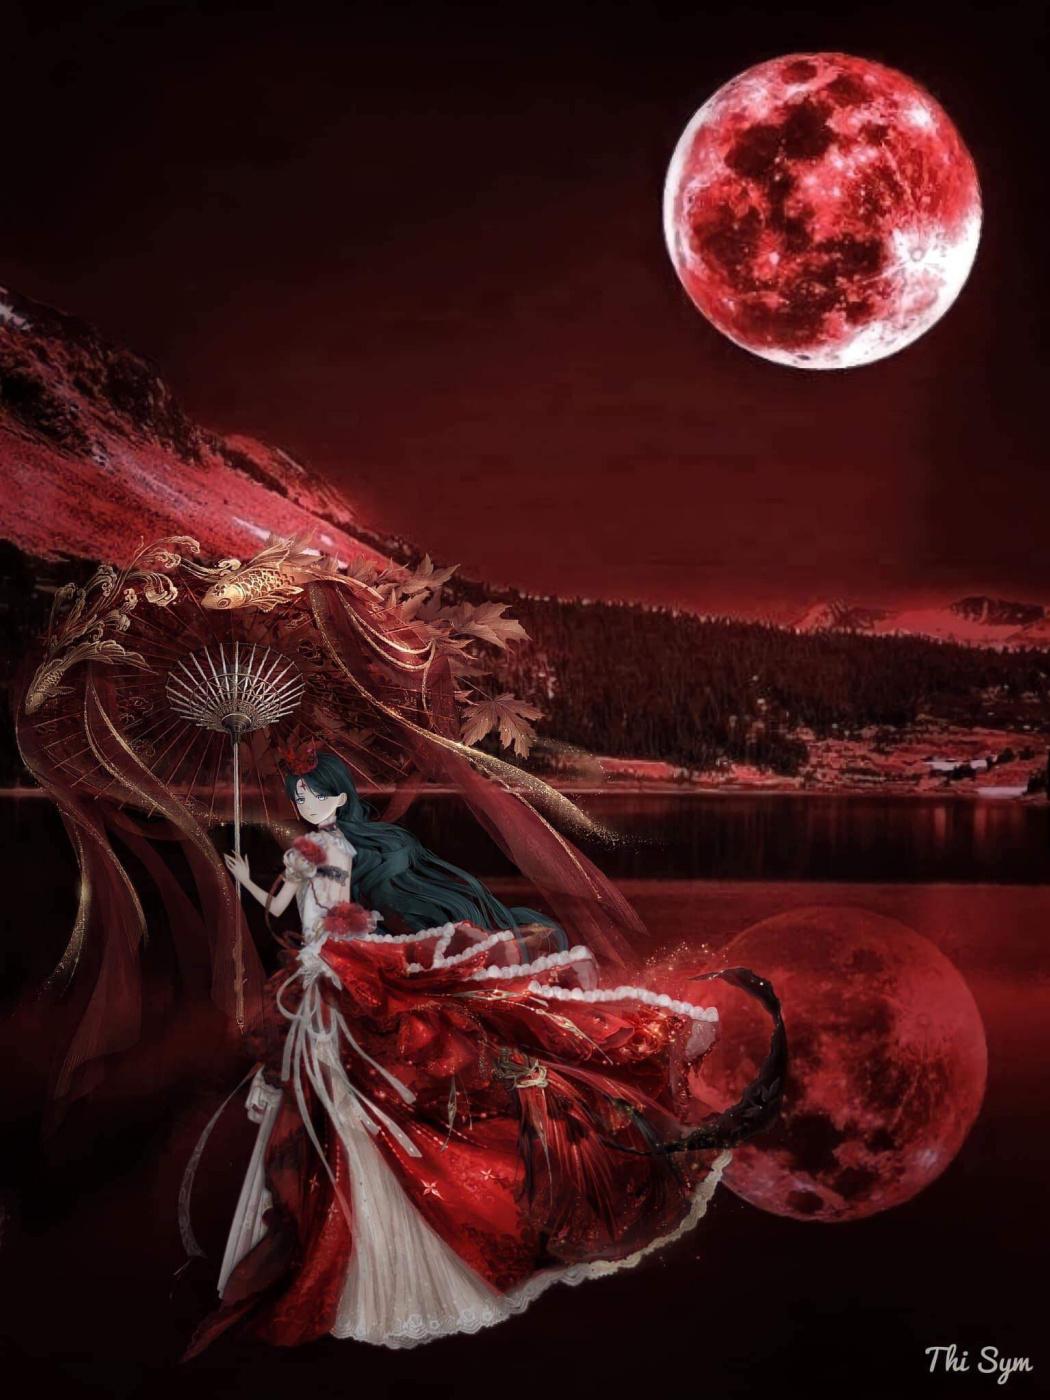 Son Nguyen Huu. Blood Moon